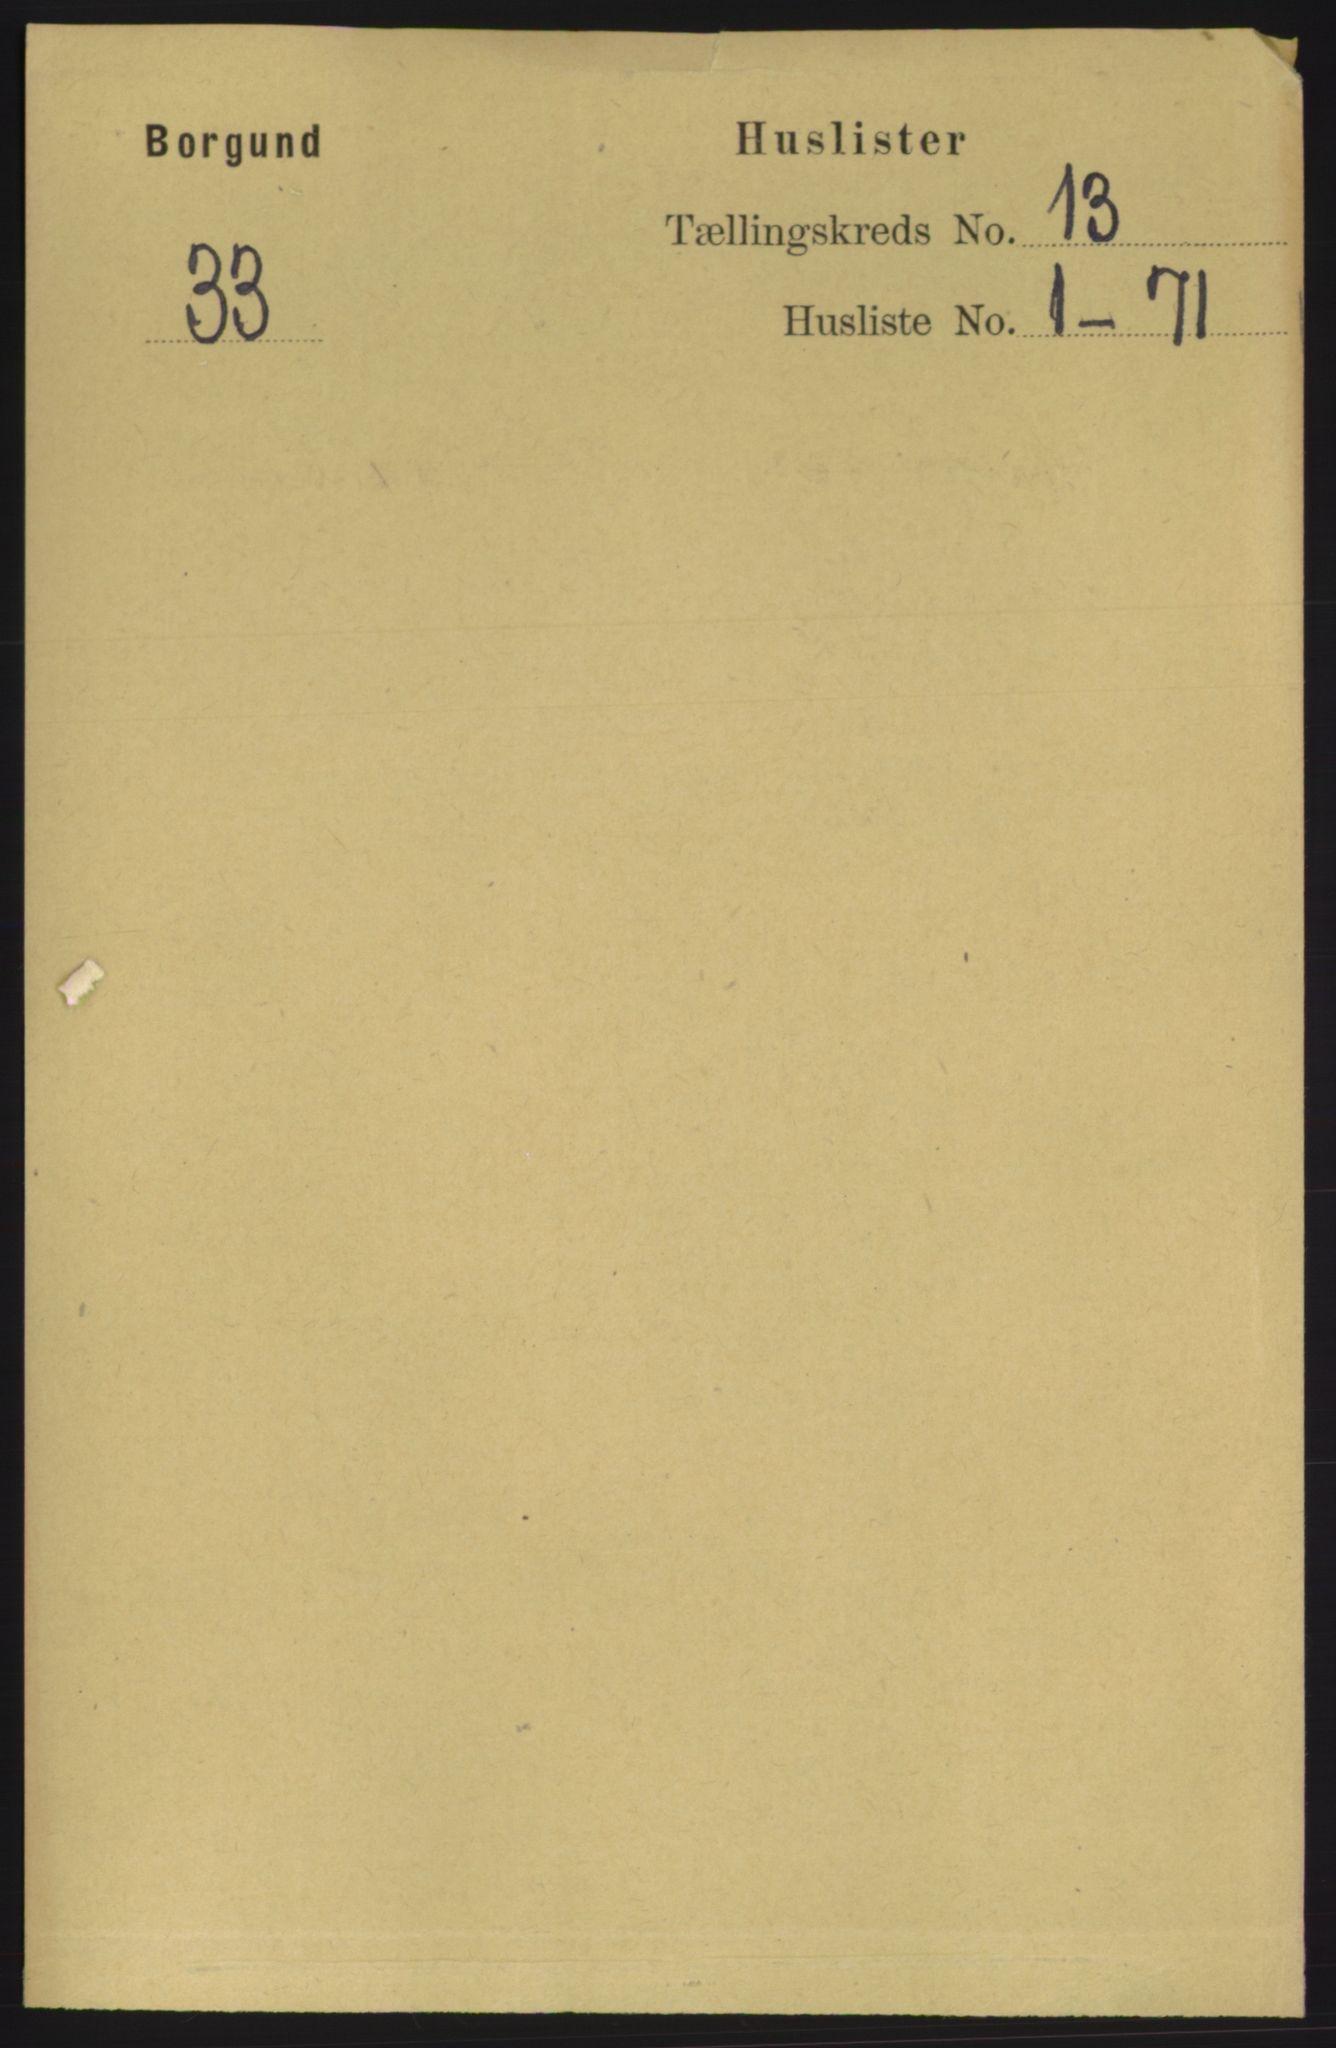 RA, Folketelling 1891 for 1531 Borgund herred, 1891, s. 3467